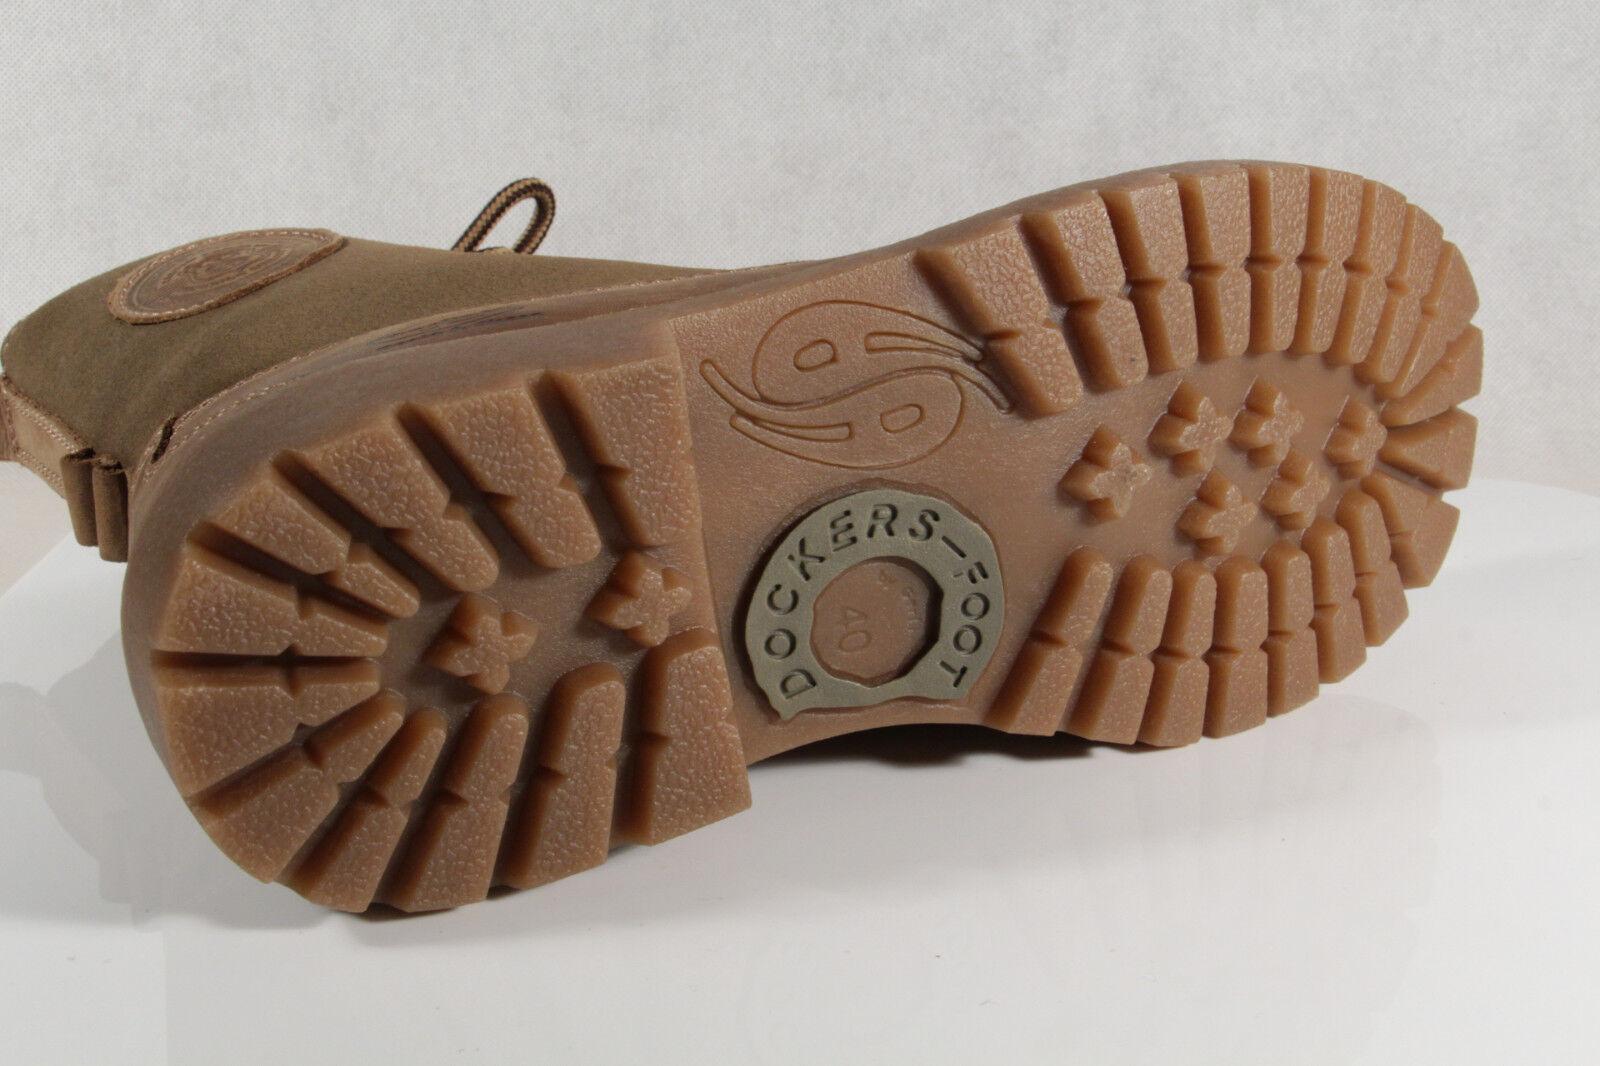 Grandes zapatos con descuento DOCKERS Mujer Botas Botas De Invierno Caqui Cuero Aut. NUEVO